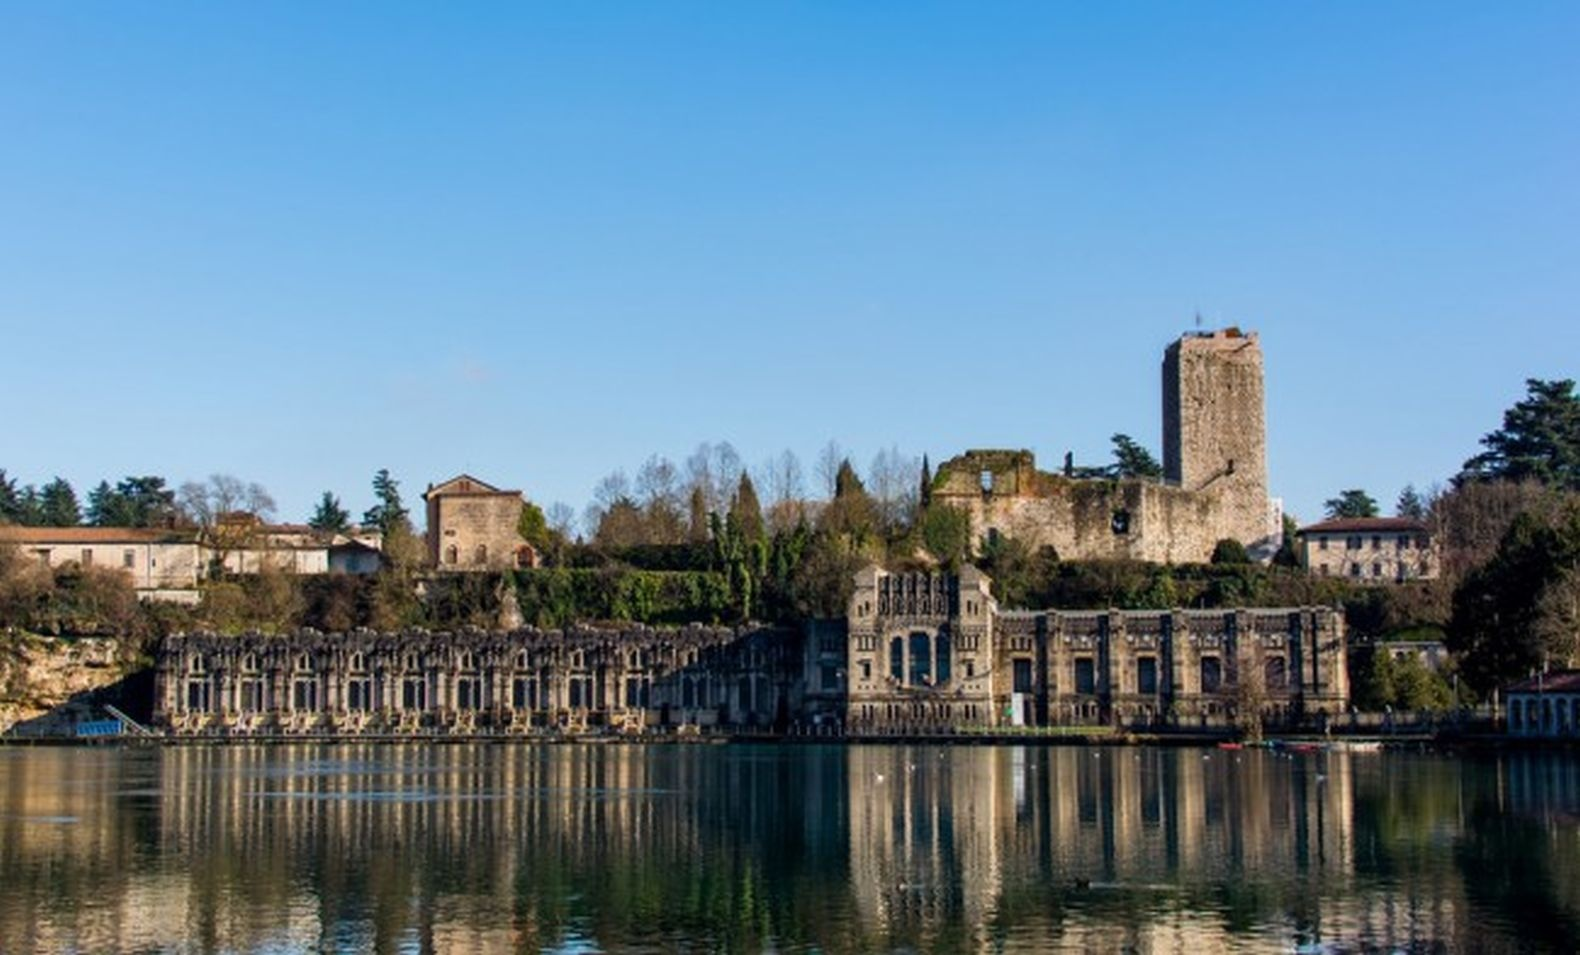 Trezzo sull'Adda - Visite notturne al castello - Misteri e oscuri segreti